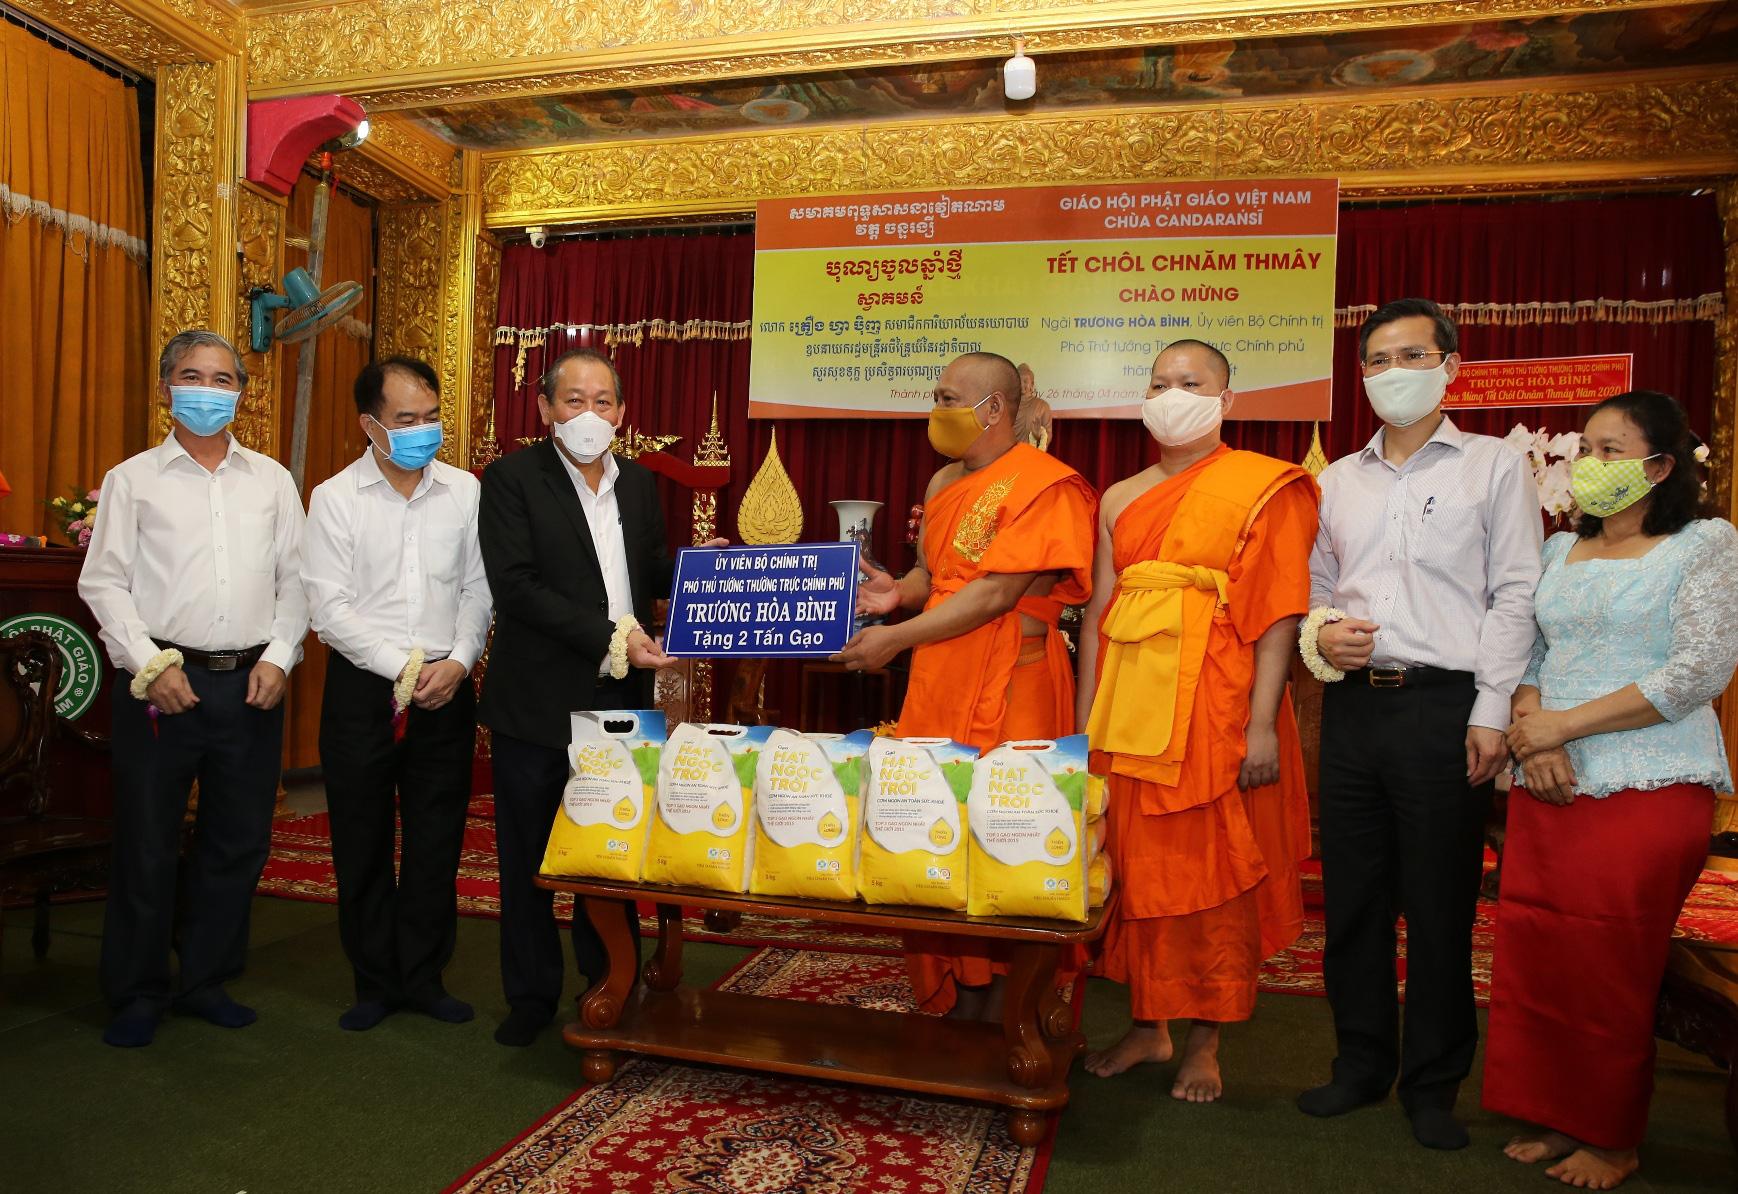 Phó Thủ tướng Thường trực chúc mừng Tết cổ truyền Chôl Chnăm Thmây - Ảnh 2.